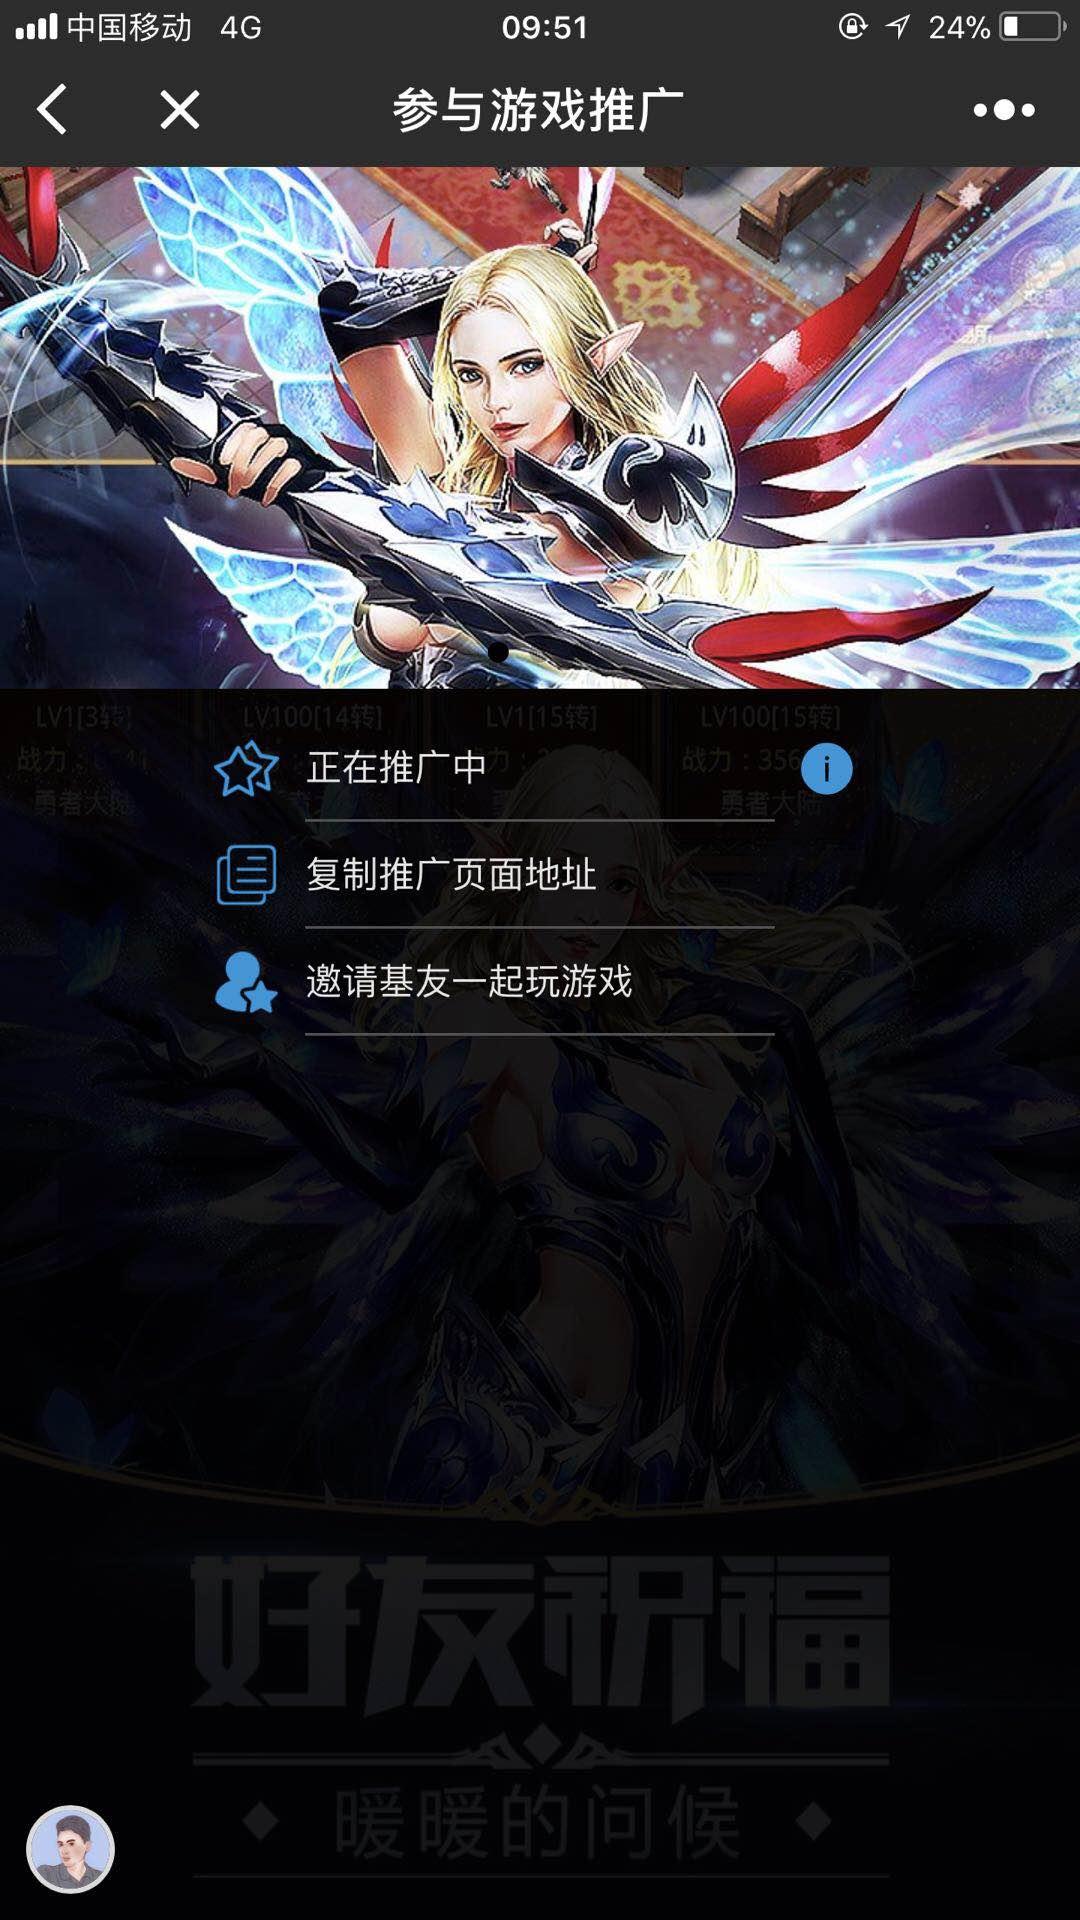 游戏推广联盟小程序